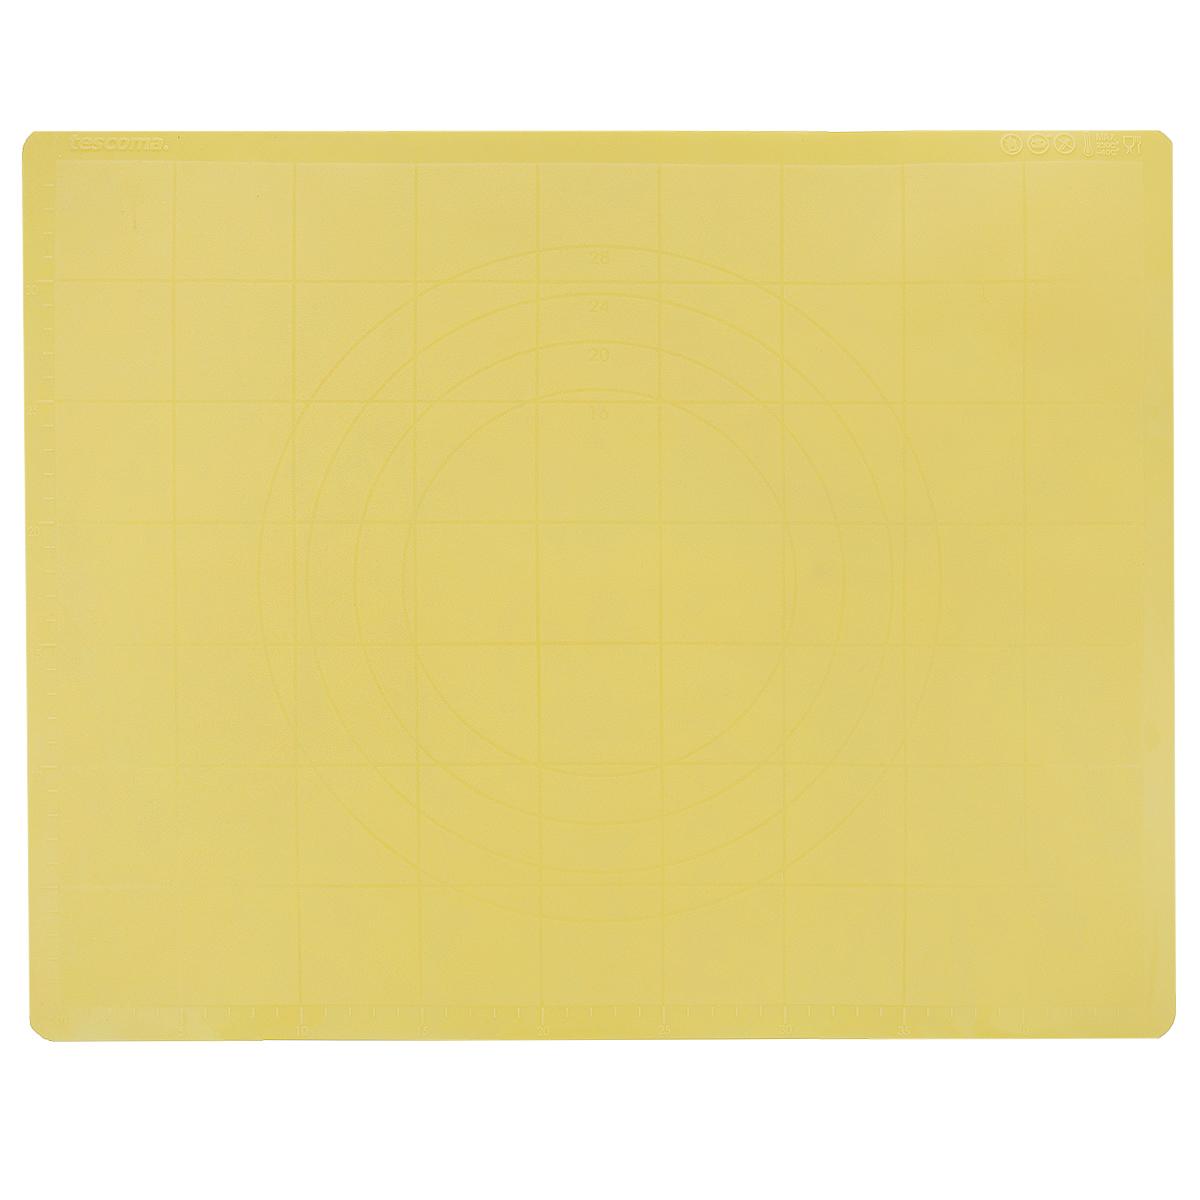 Лист для раскатки теста Tescoma Delicia, цвет: желтый, 48 х 38 см629382_желтыйСиликоновый лист Tescoma подходит для раскатки теста и обработки других продуктов. Идеально прилегает к поверхности стола, тесто не пристает. Лист имеет шкалу для удобного измерения и резки. Легко моется, не впитывает запахи продуктов. Можно использовать как подставку под горячую посуду.